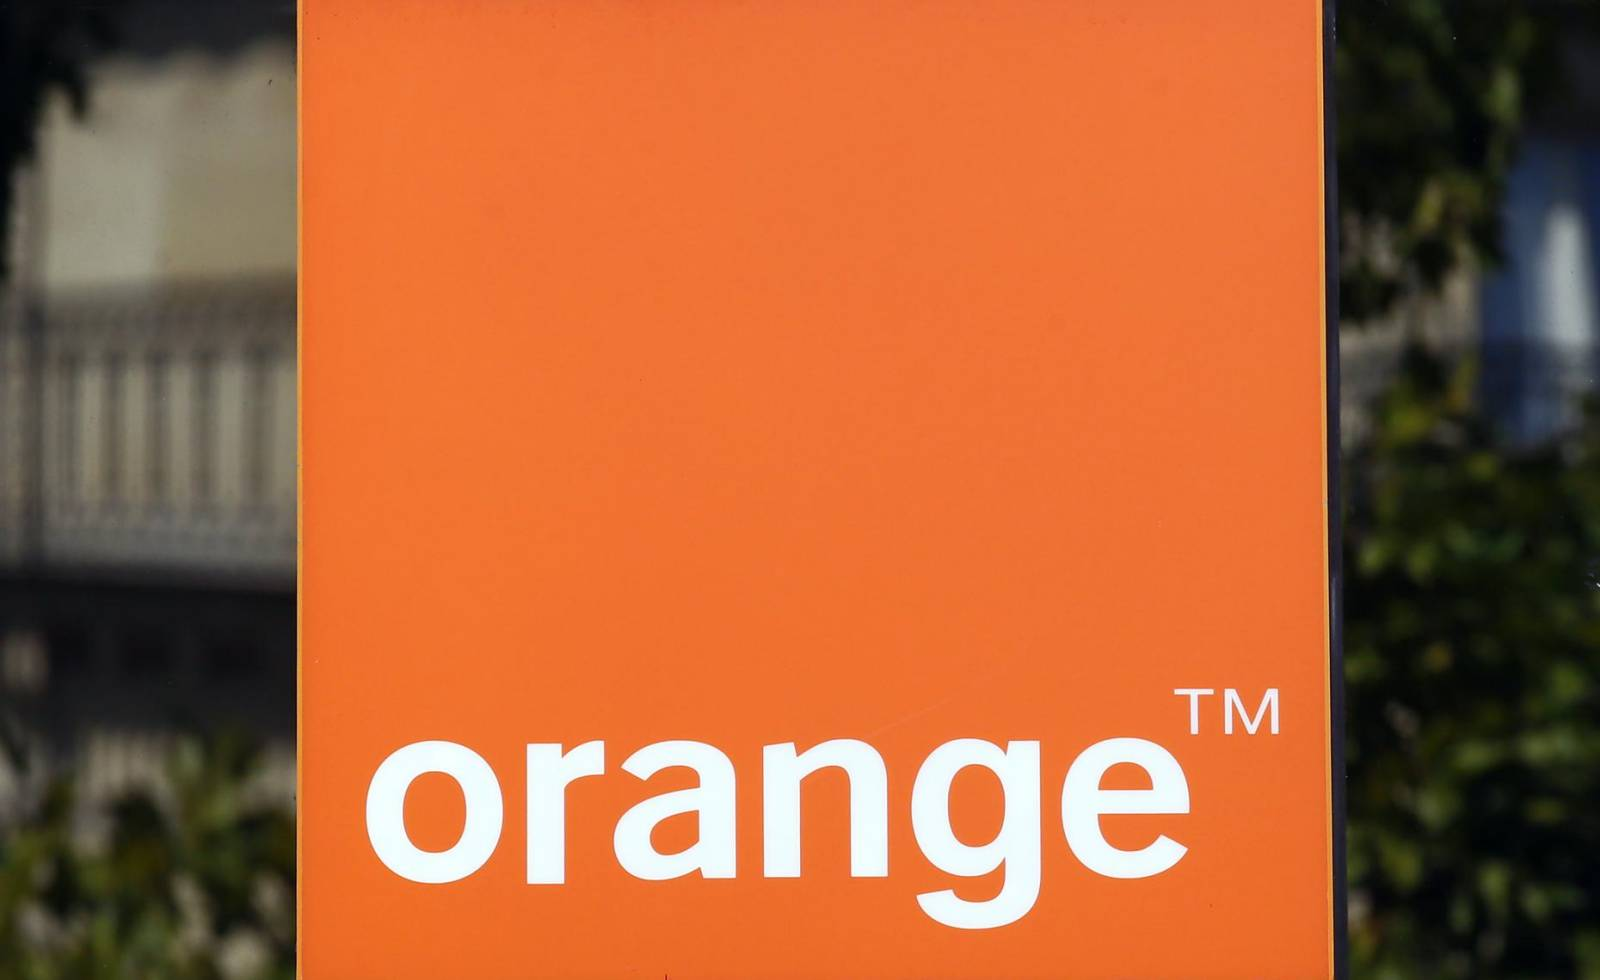 Telefoanele de la Orange care au Reduceri BUNE de BLACK Friday 2019